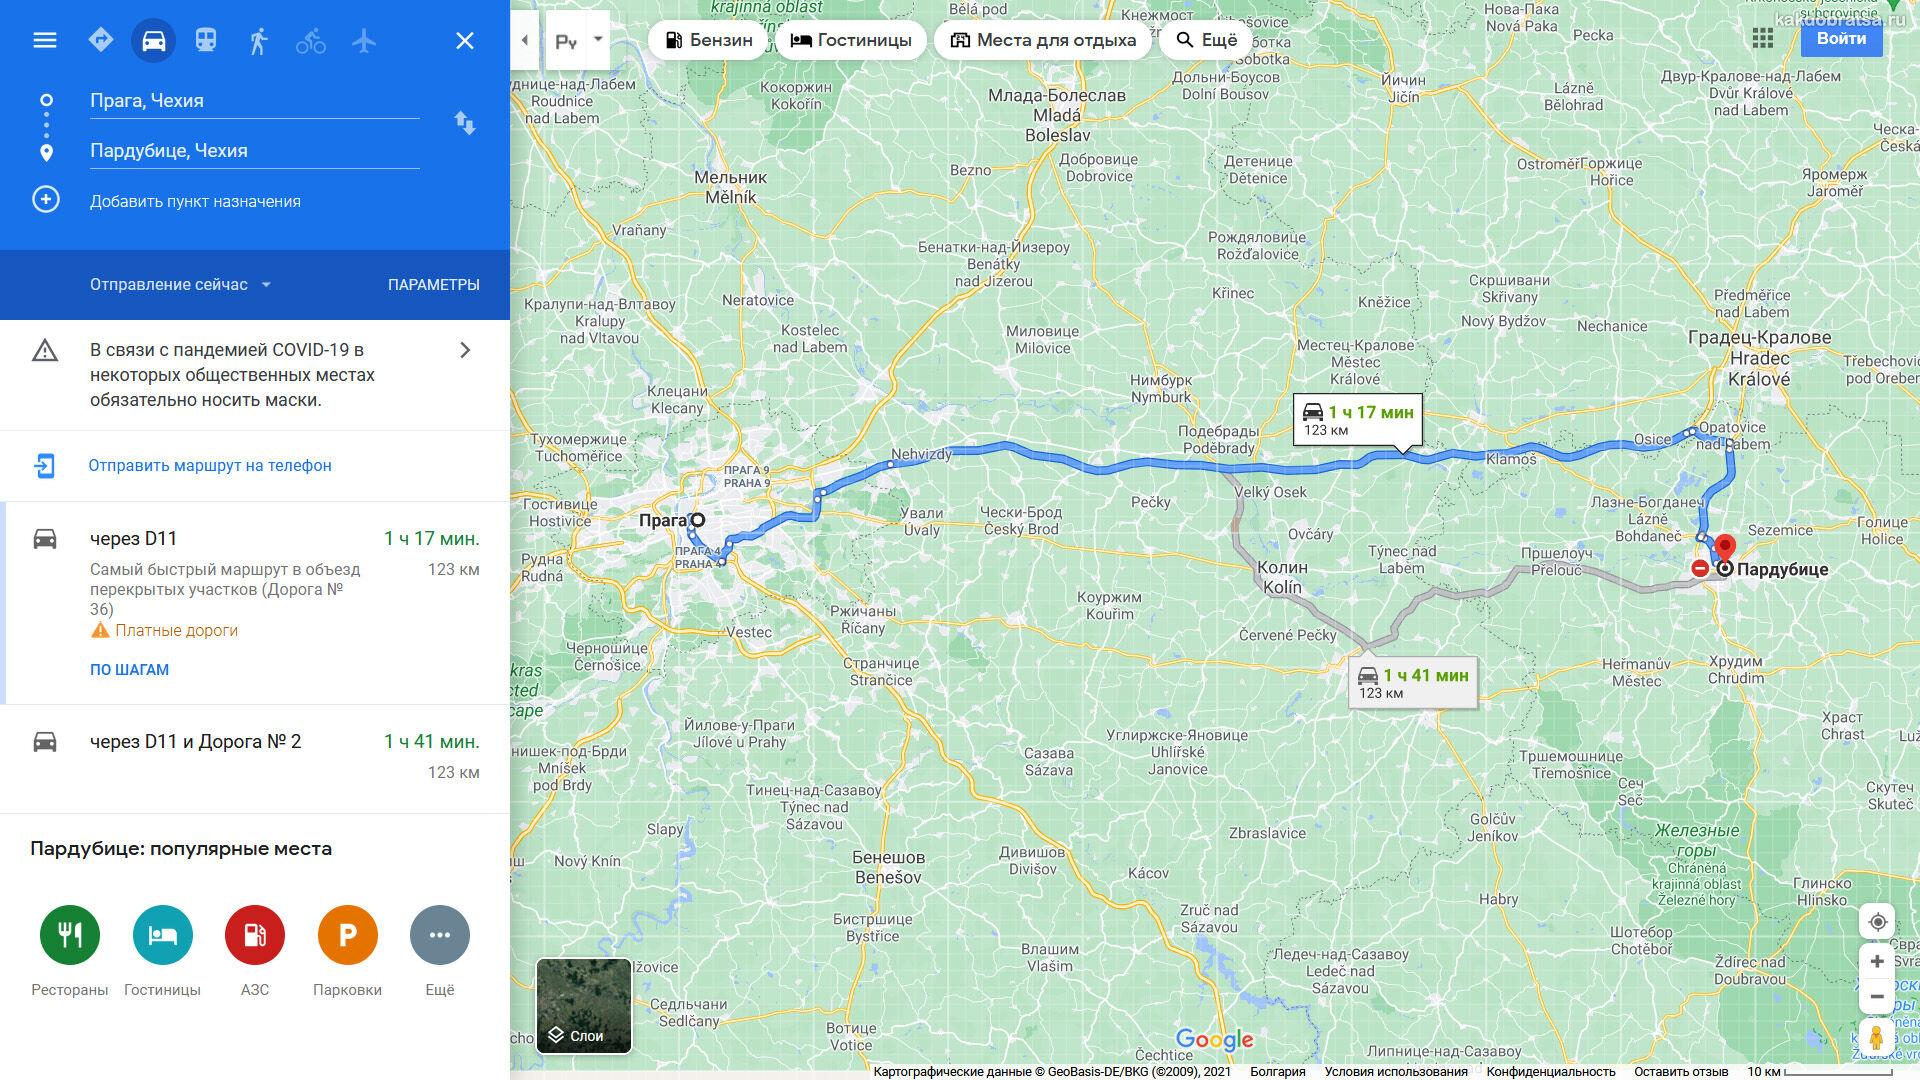 Расстояние между городами Прага и Пардубице по карте